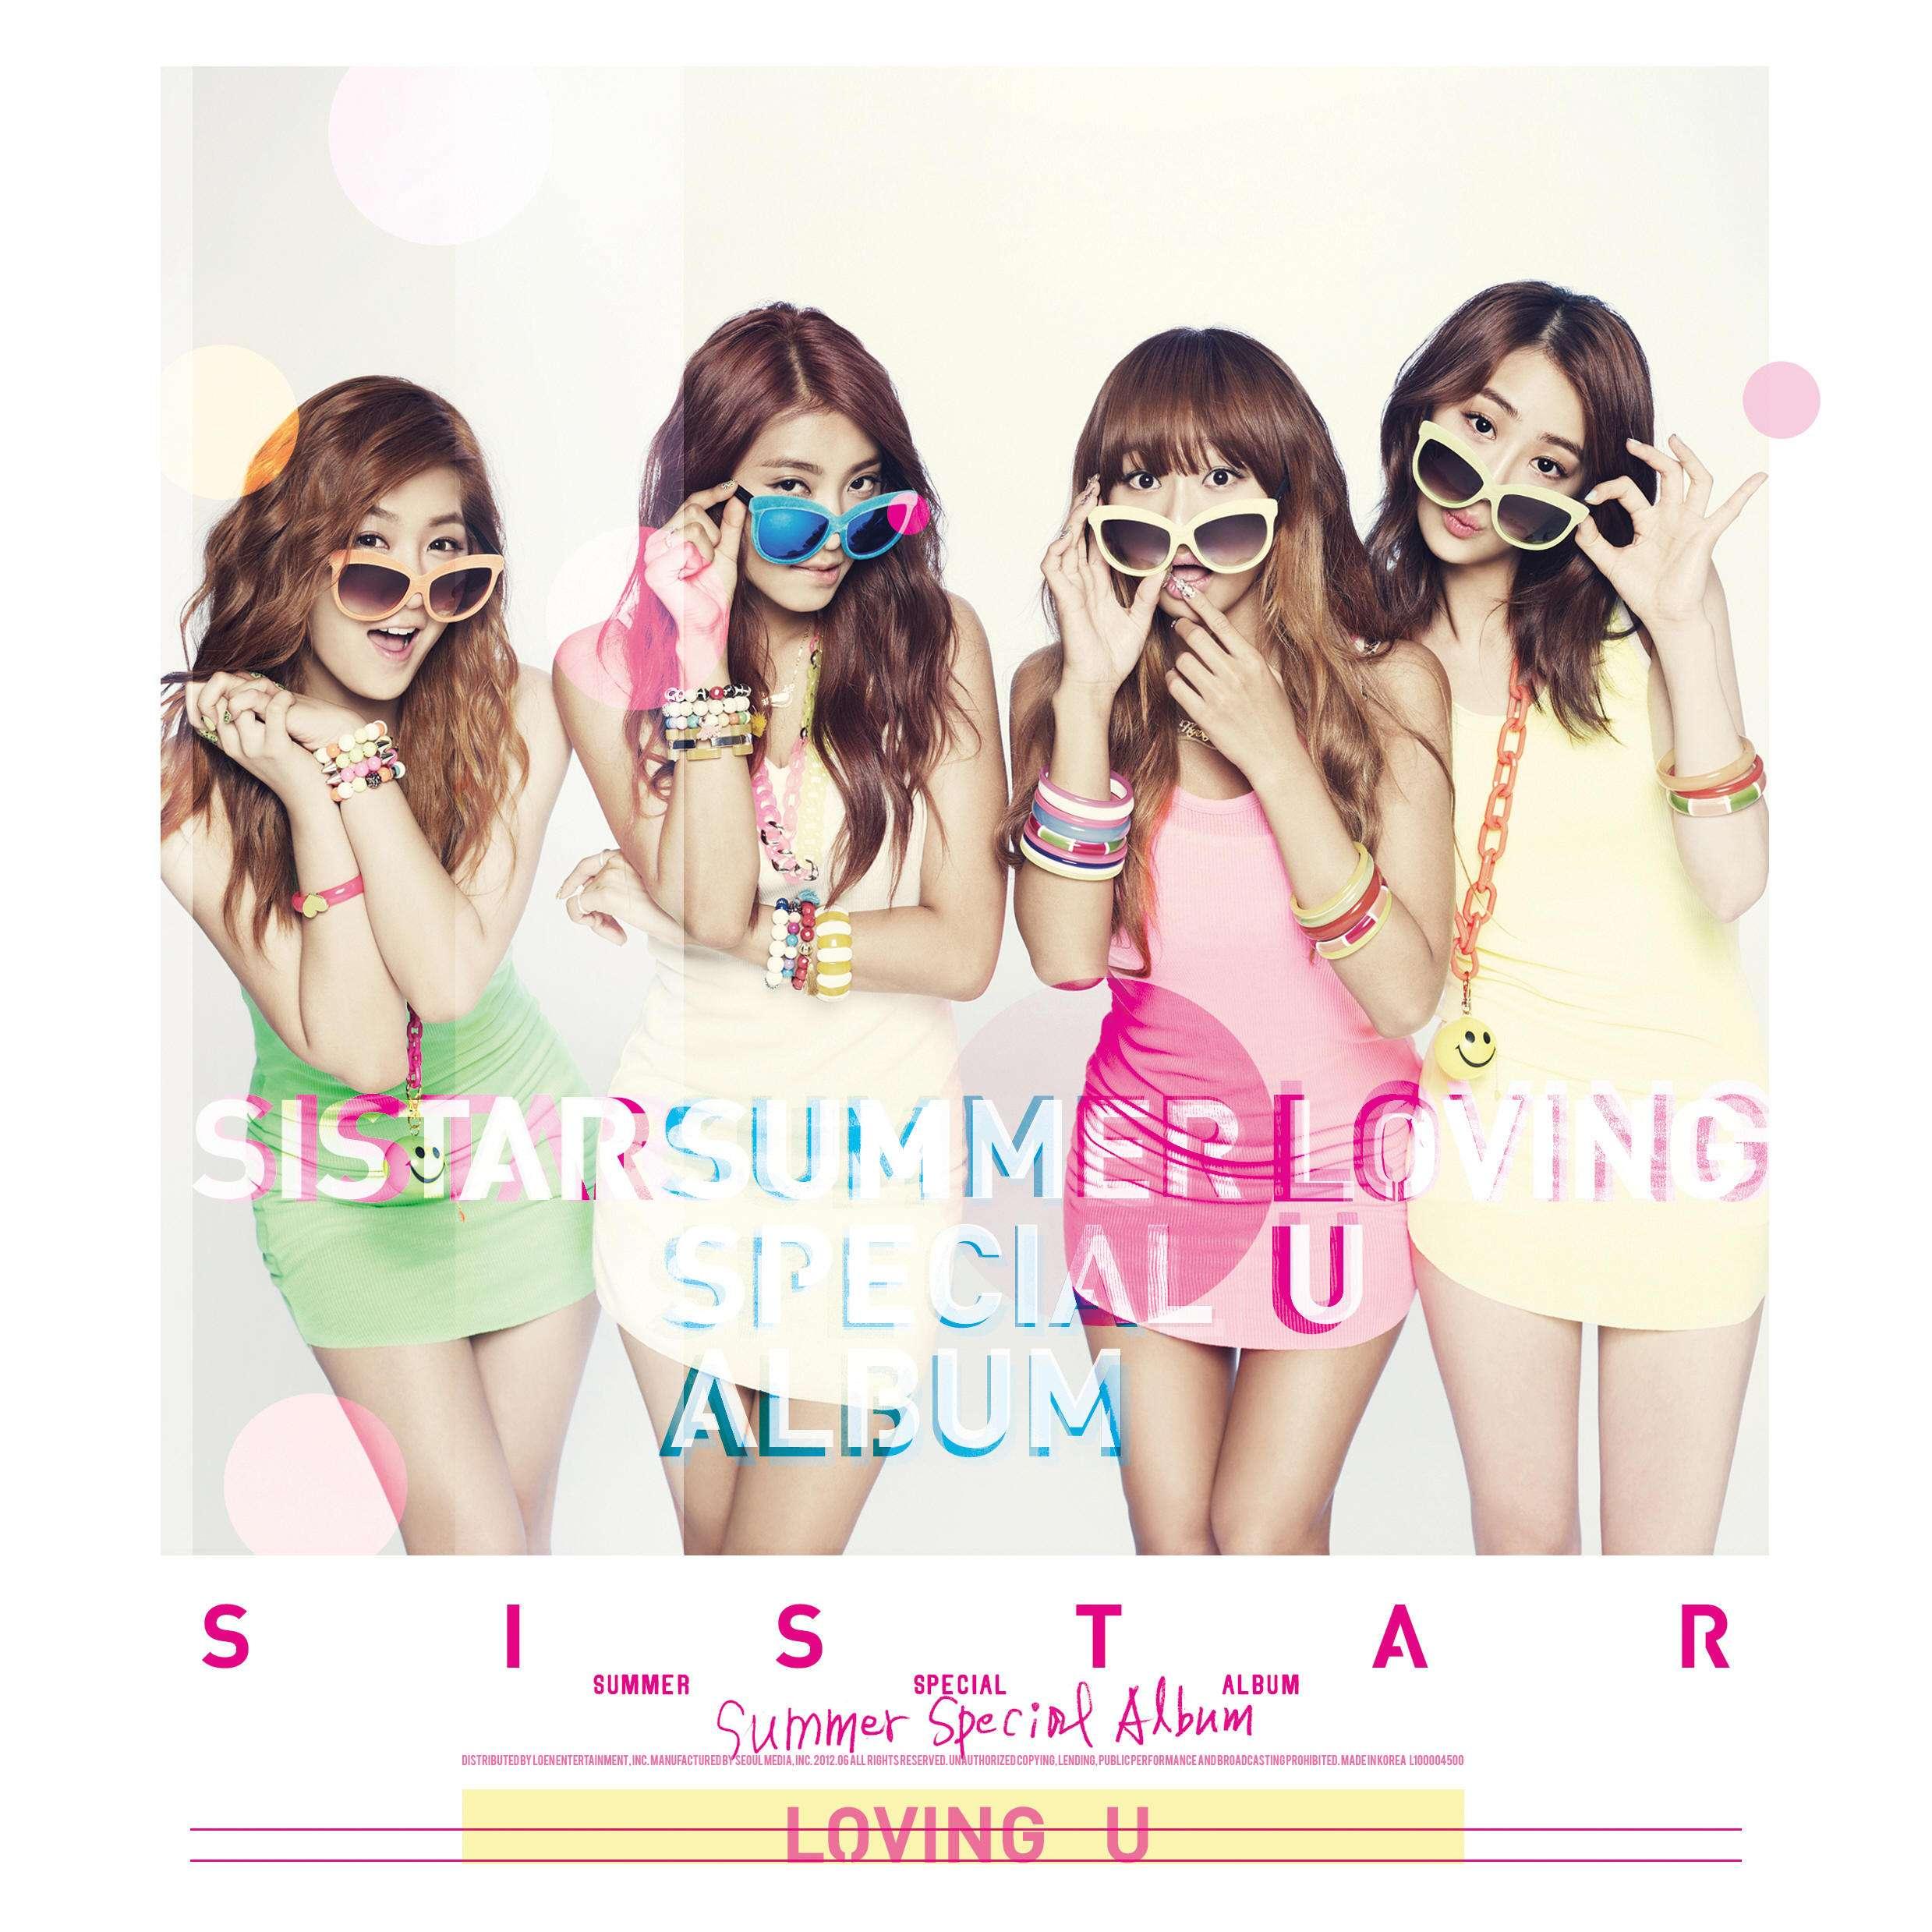 [Mini Album] Sistar - Loving You (Summer Special Album)